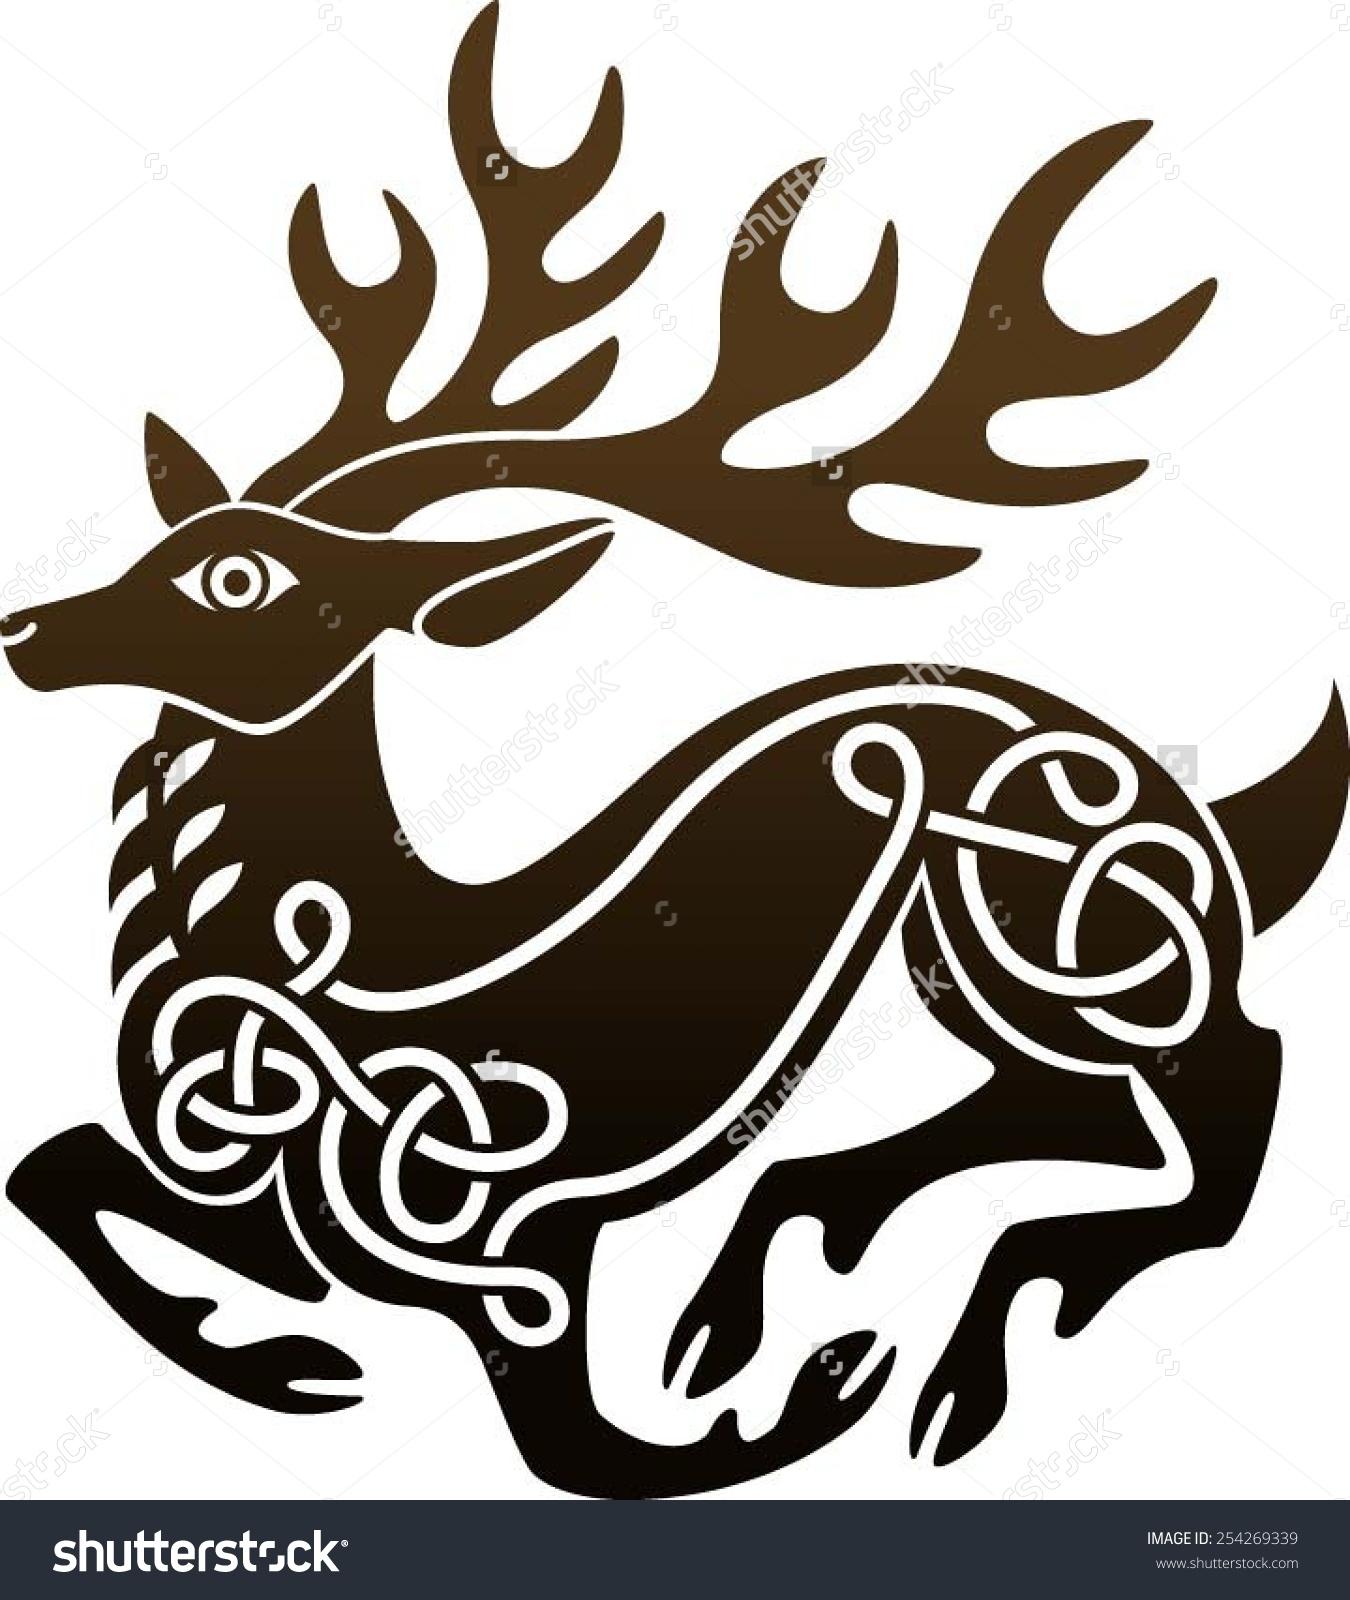 Celt clipart stag Celtic stag celtic – Maize